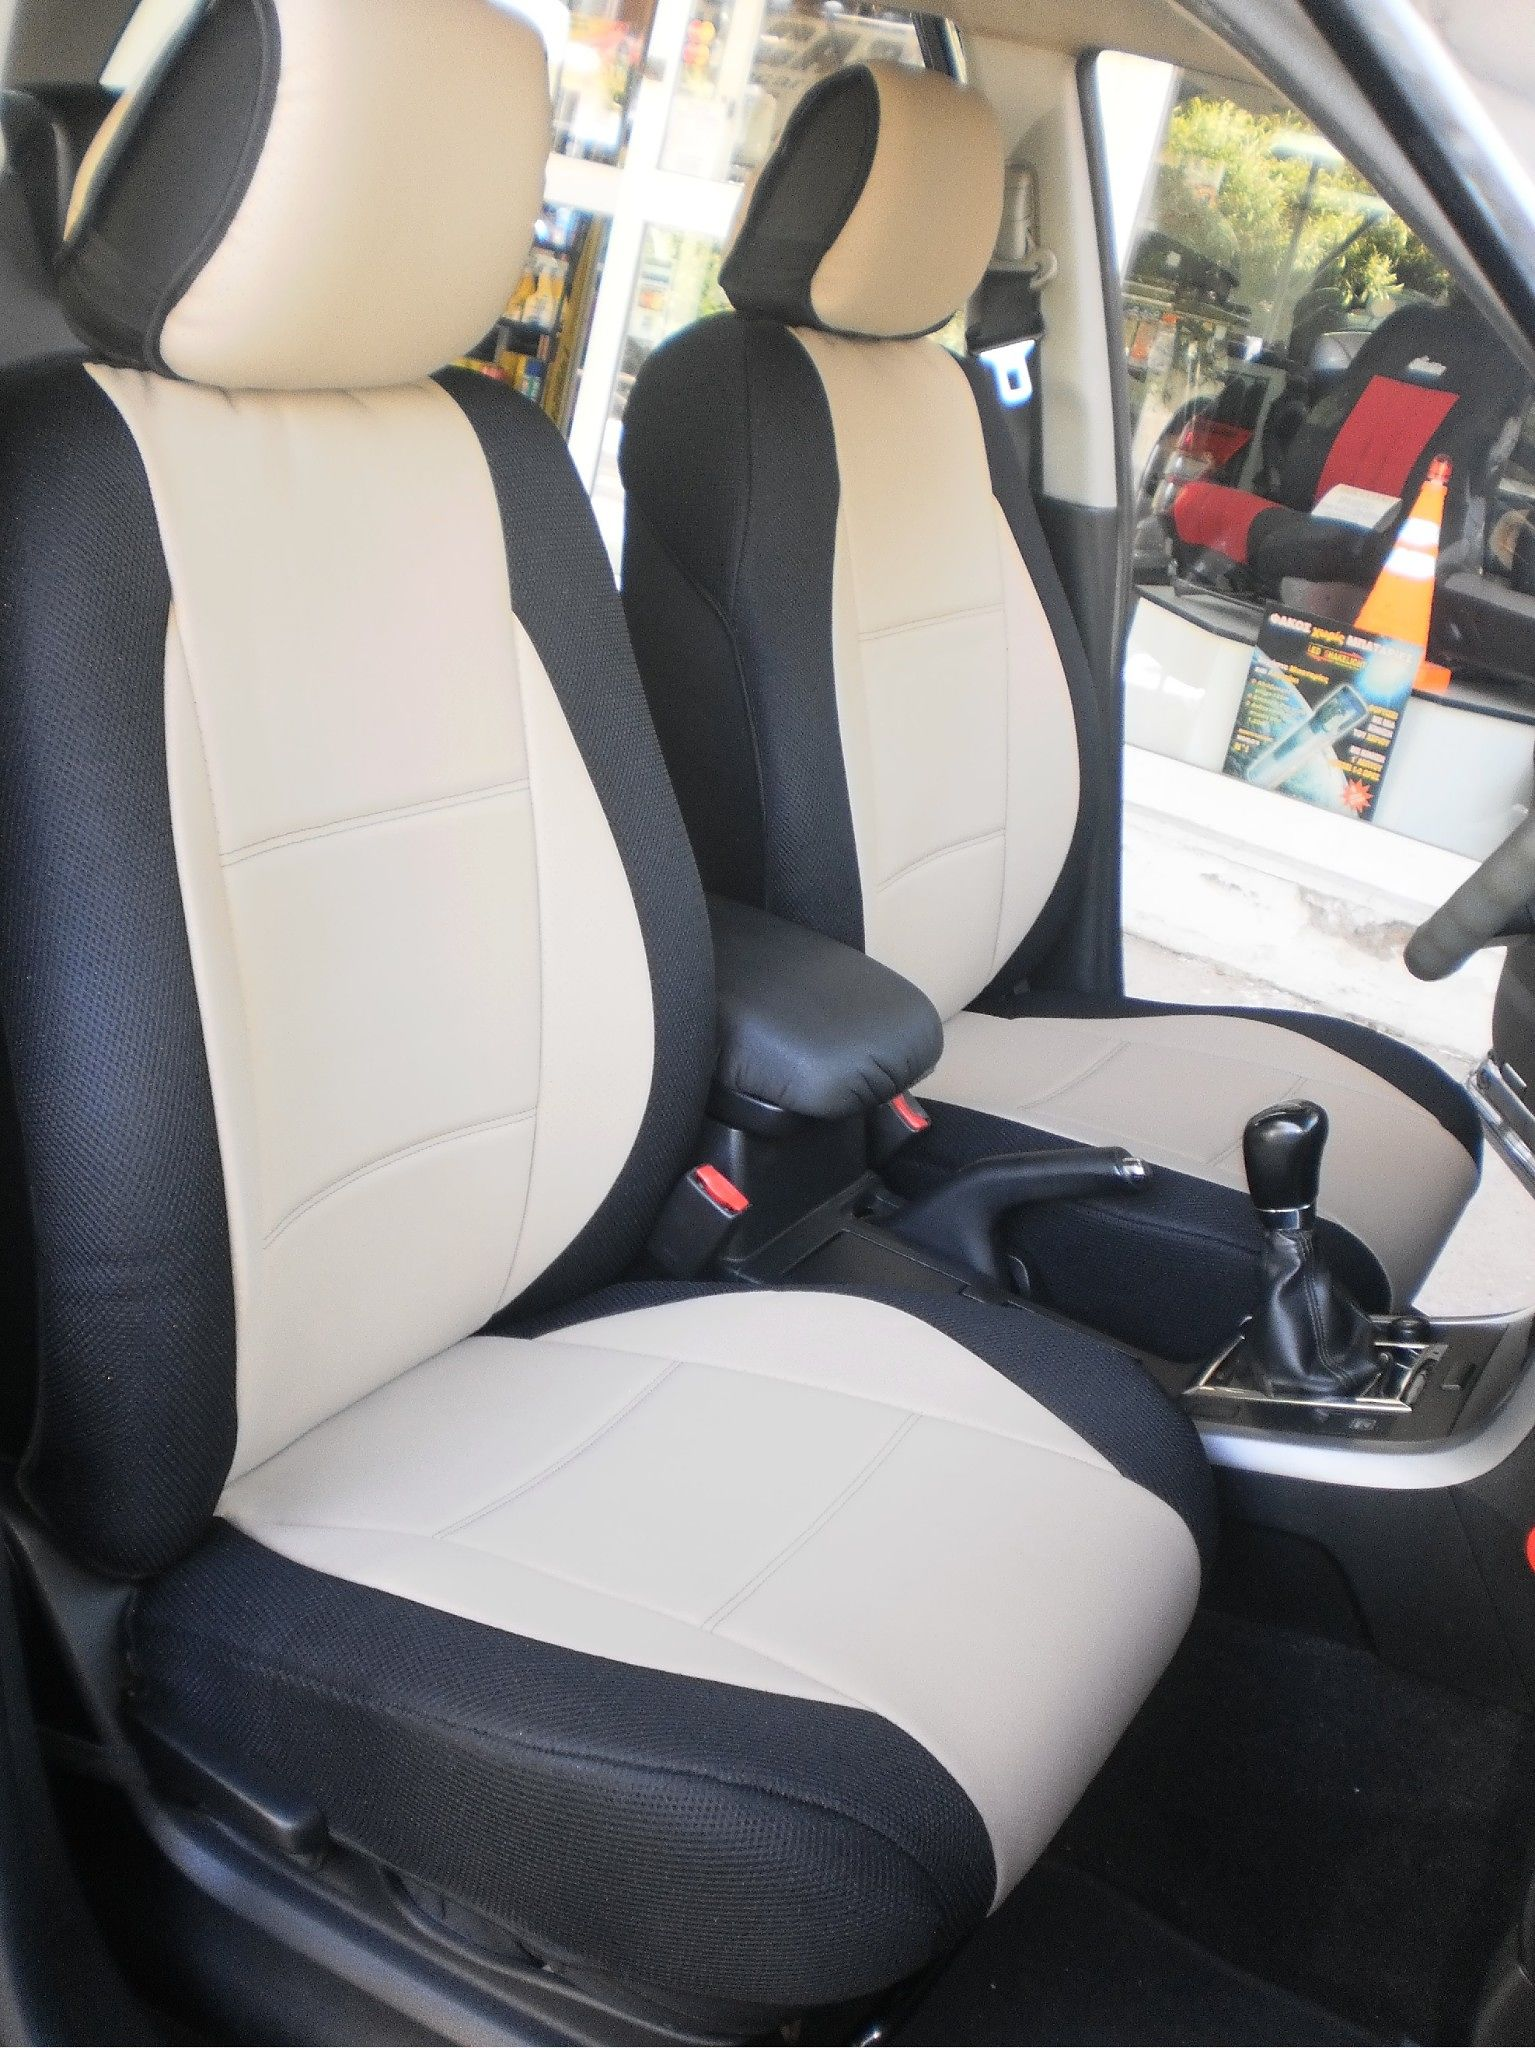 CAR SEAT COVERS FOR HONDA HRV HR-V FULL SET GREY VELOURS